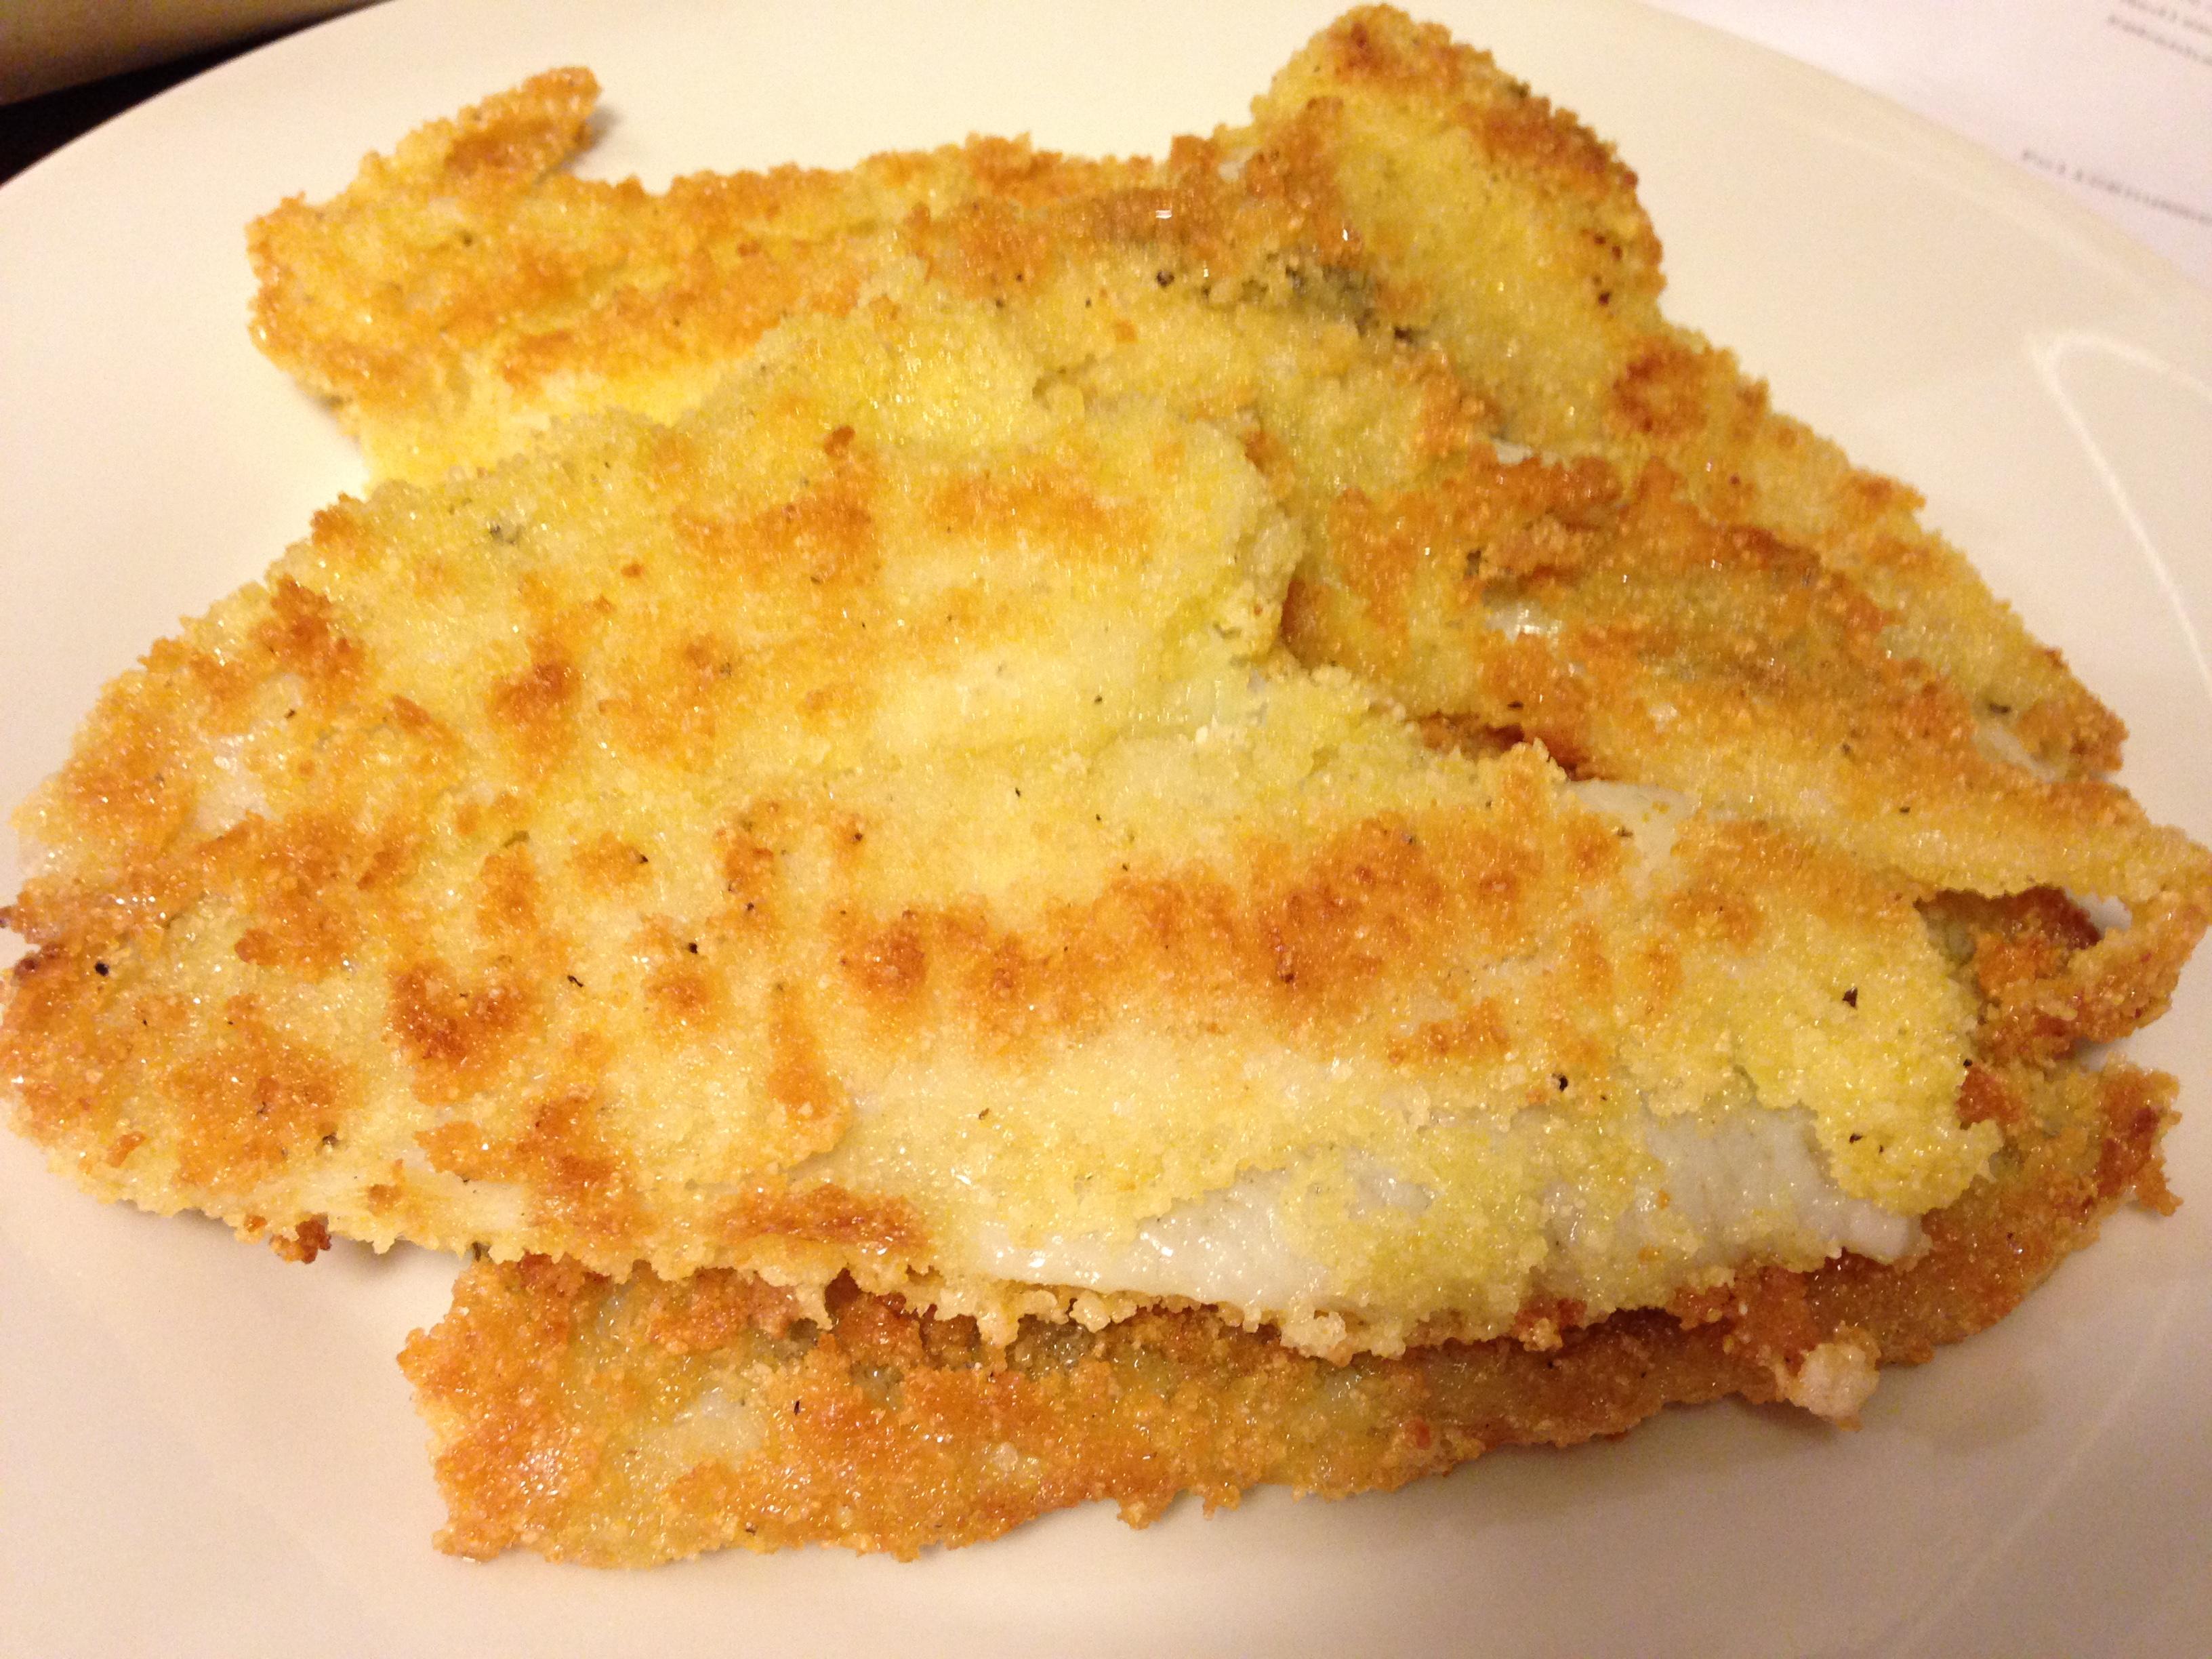 Naturlig glutenfri fiskefilet